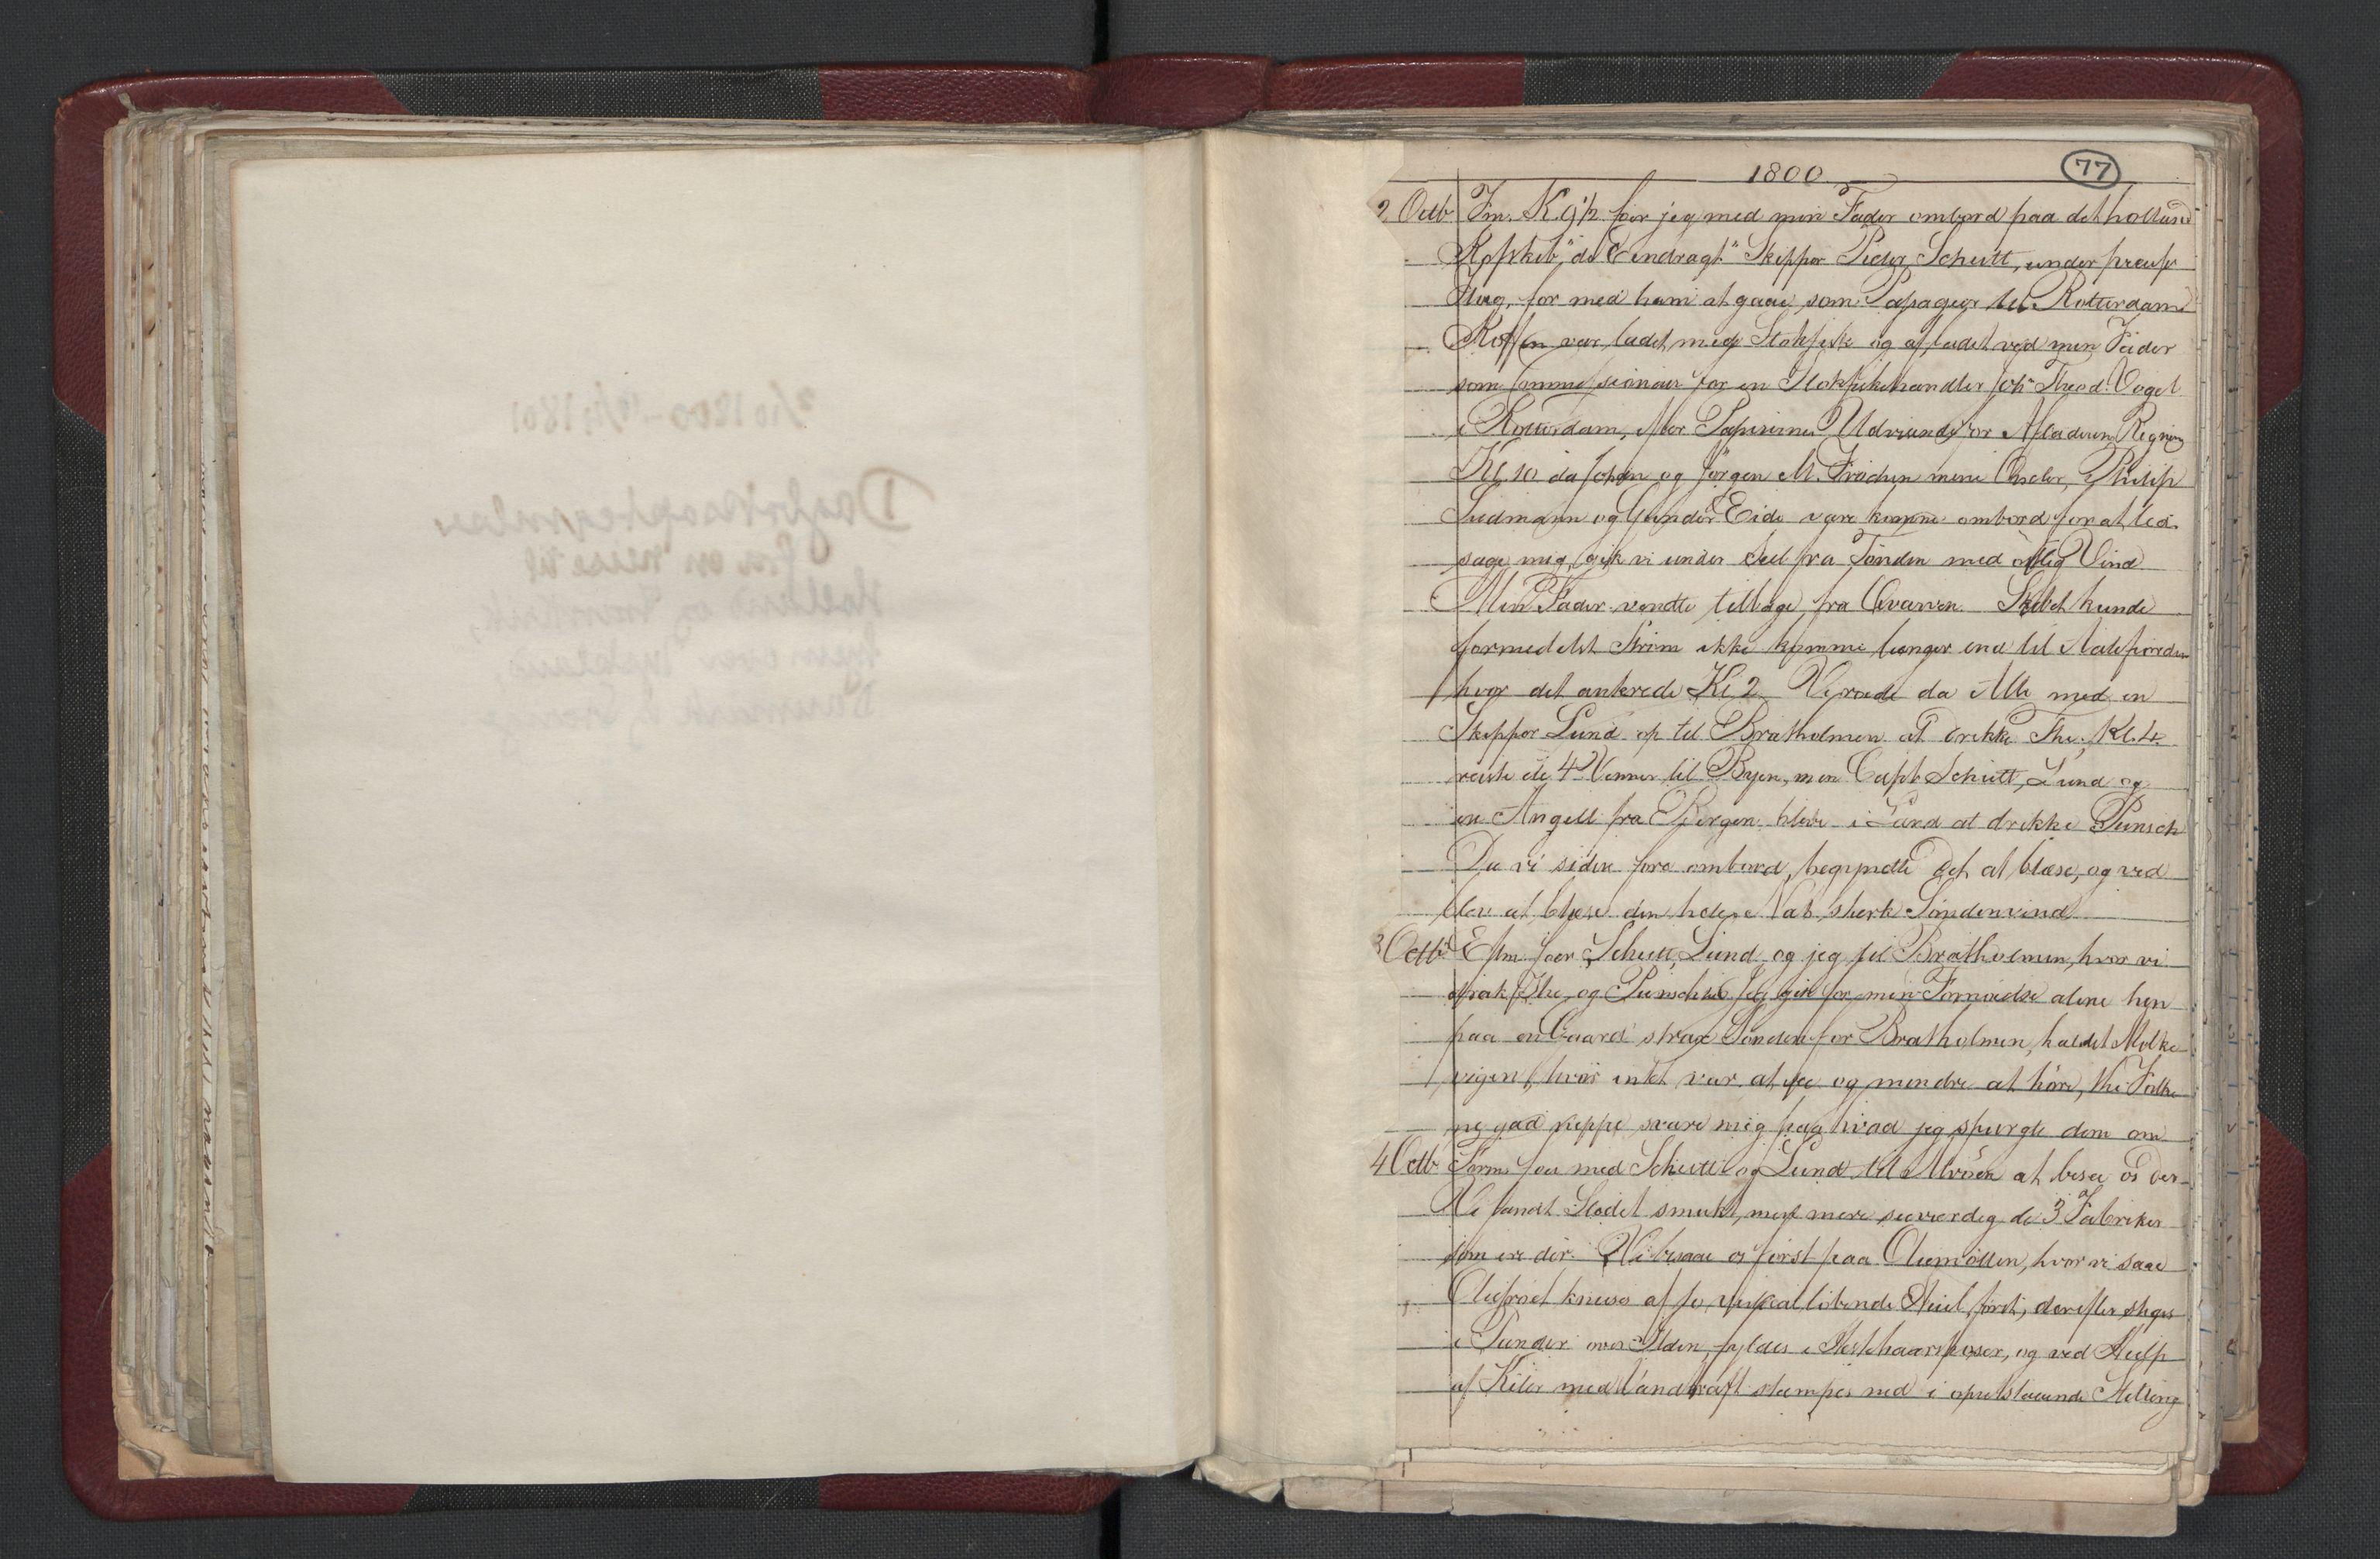 RA, Meltzer, Fredrik, F/L0001: Dagbok for årene 1796-1808, 1811, 1817, 1796-1817, s. 77a